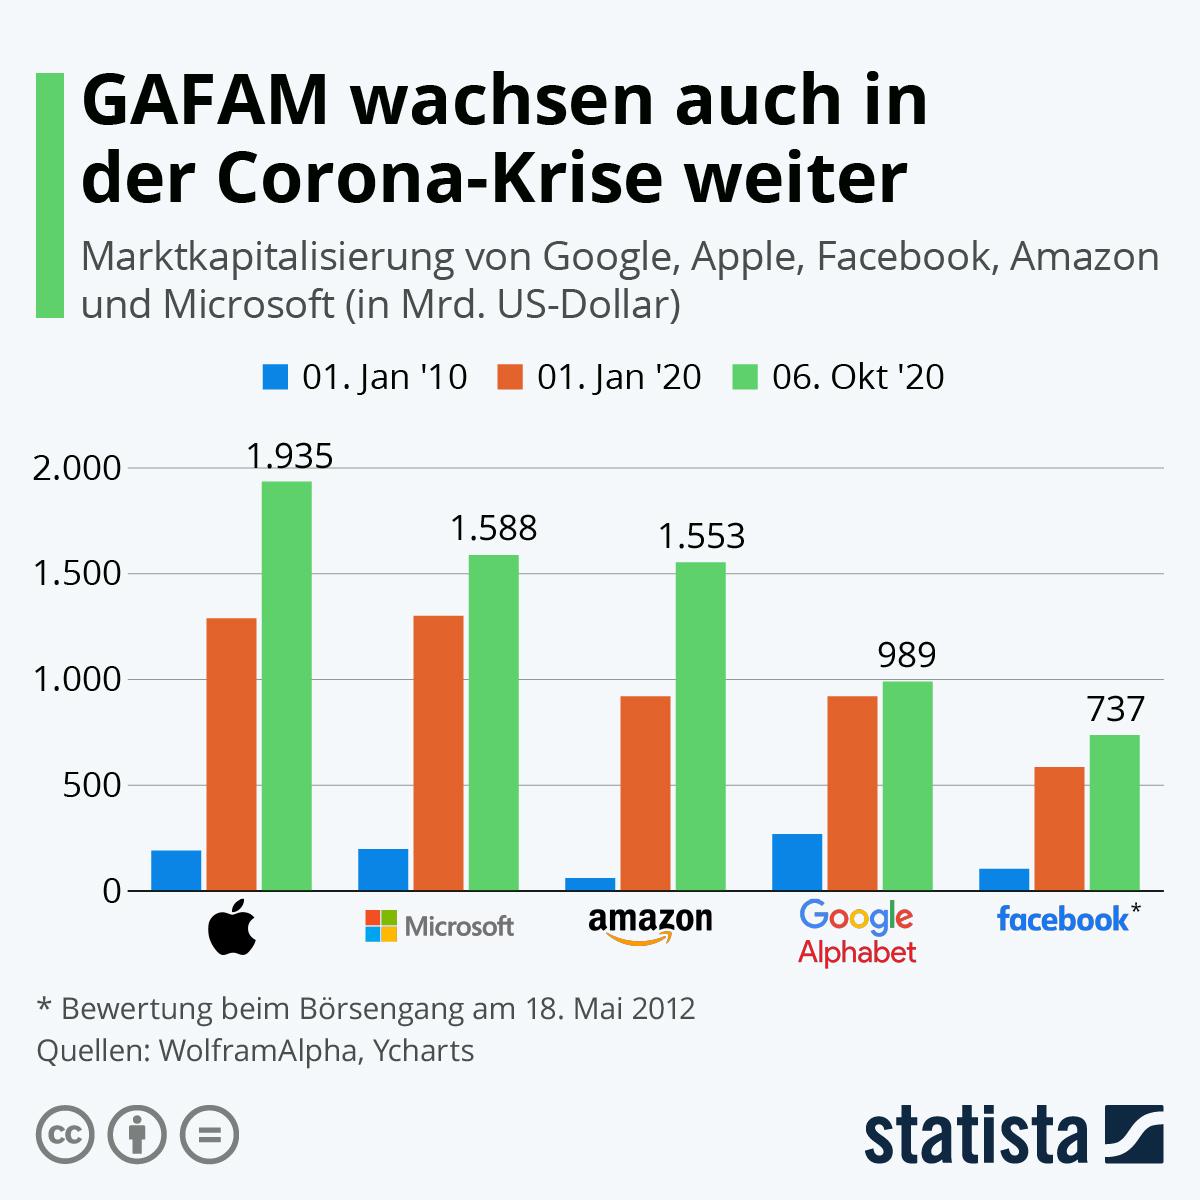 Infografik: GAFAM wachsen auch in der Corona-Krise weiter | Statista